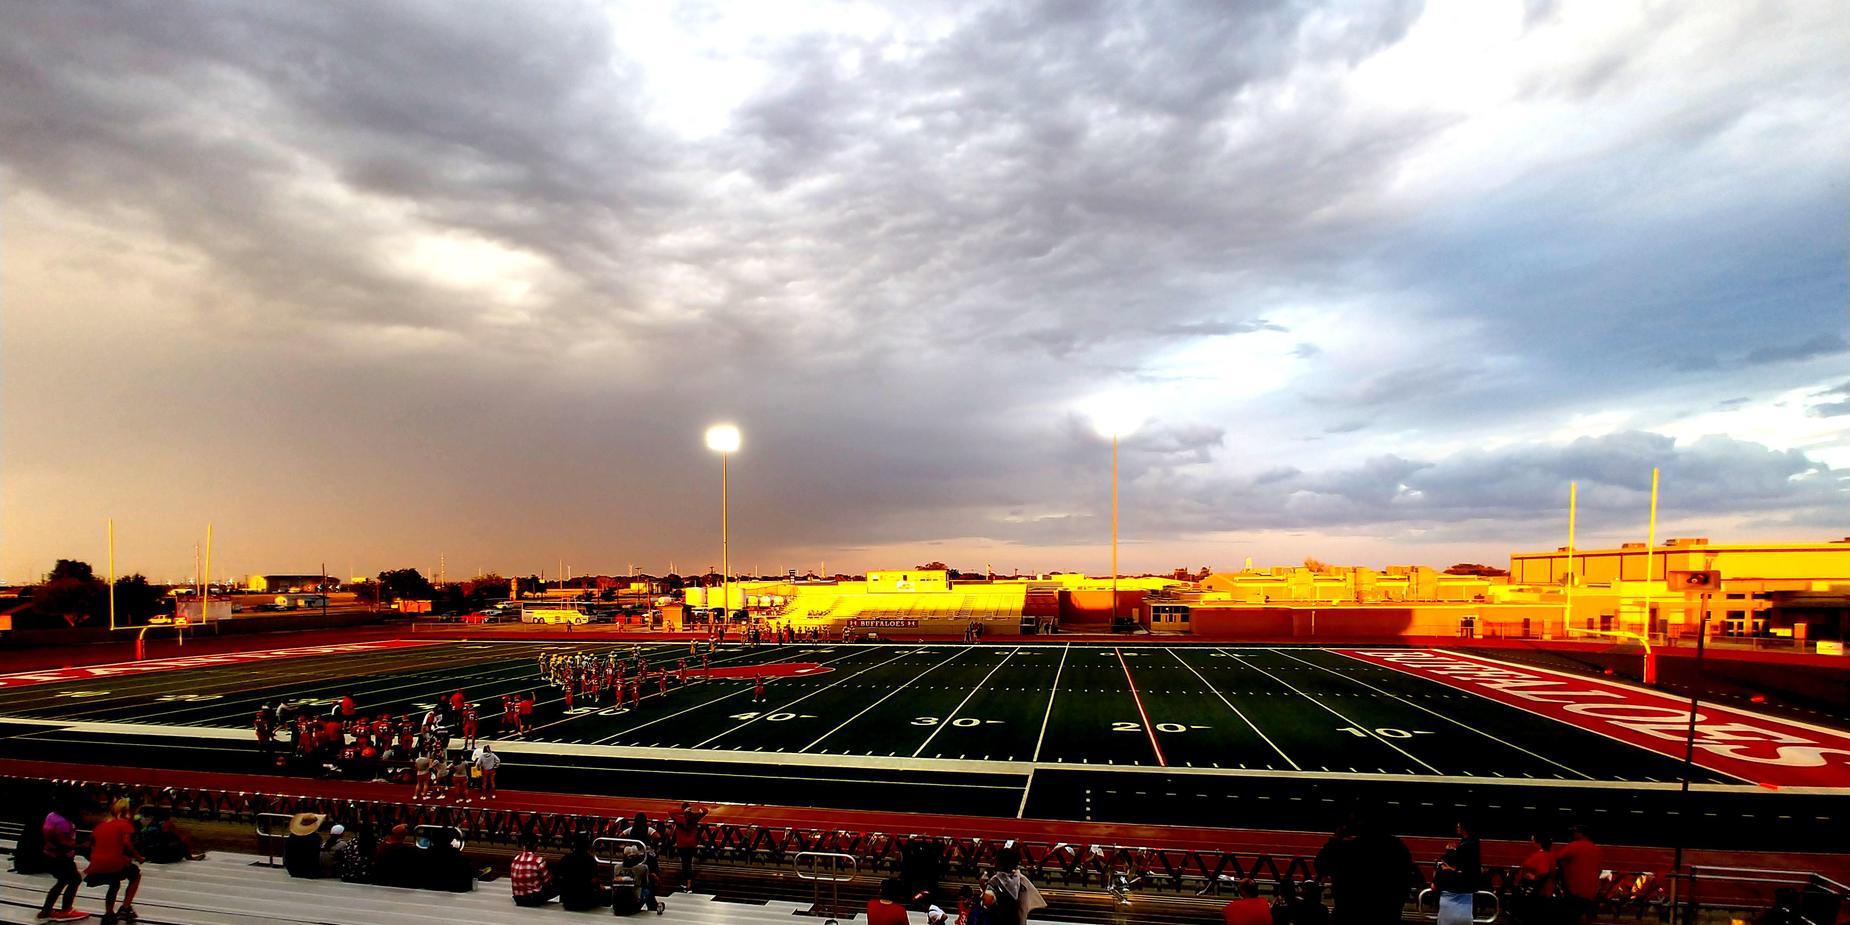 HS Field